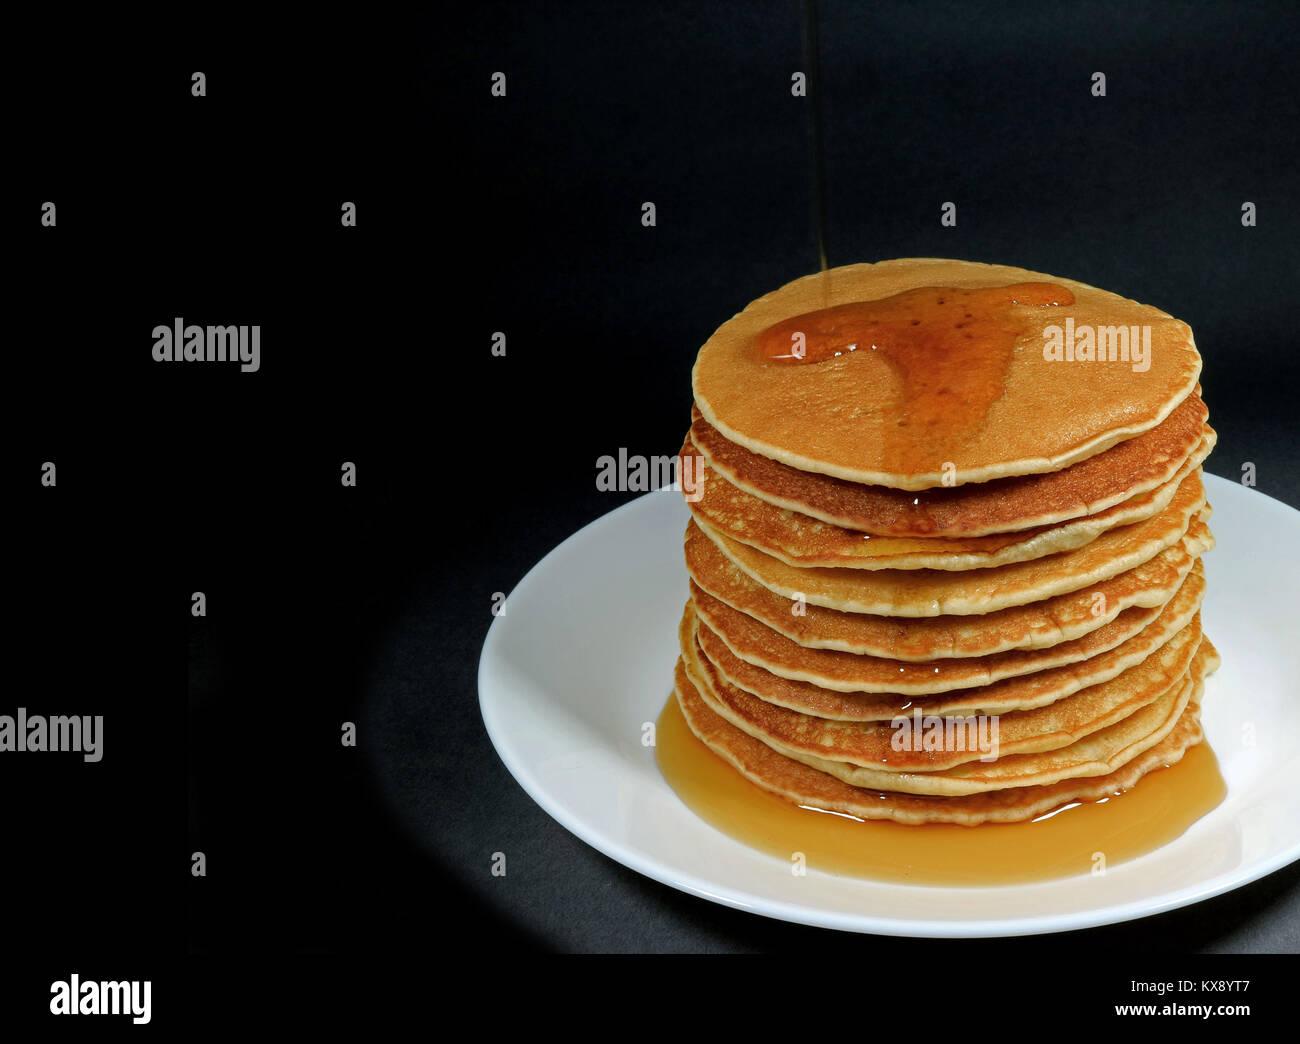 Pila di freschi fatti in casa pancake con sciroppo d'acero servita su piastra bianca, sfondo nero con spazio Immagini Stock